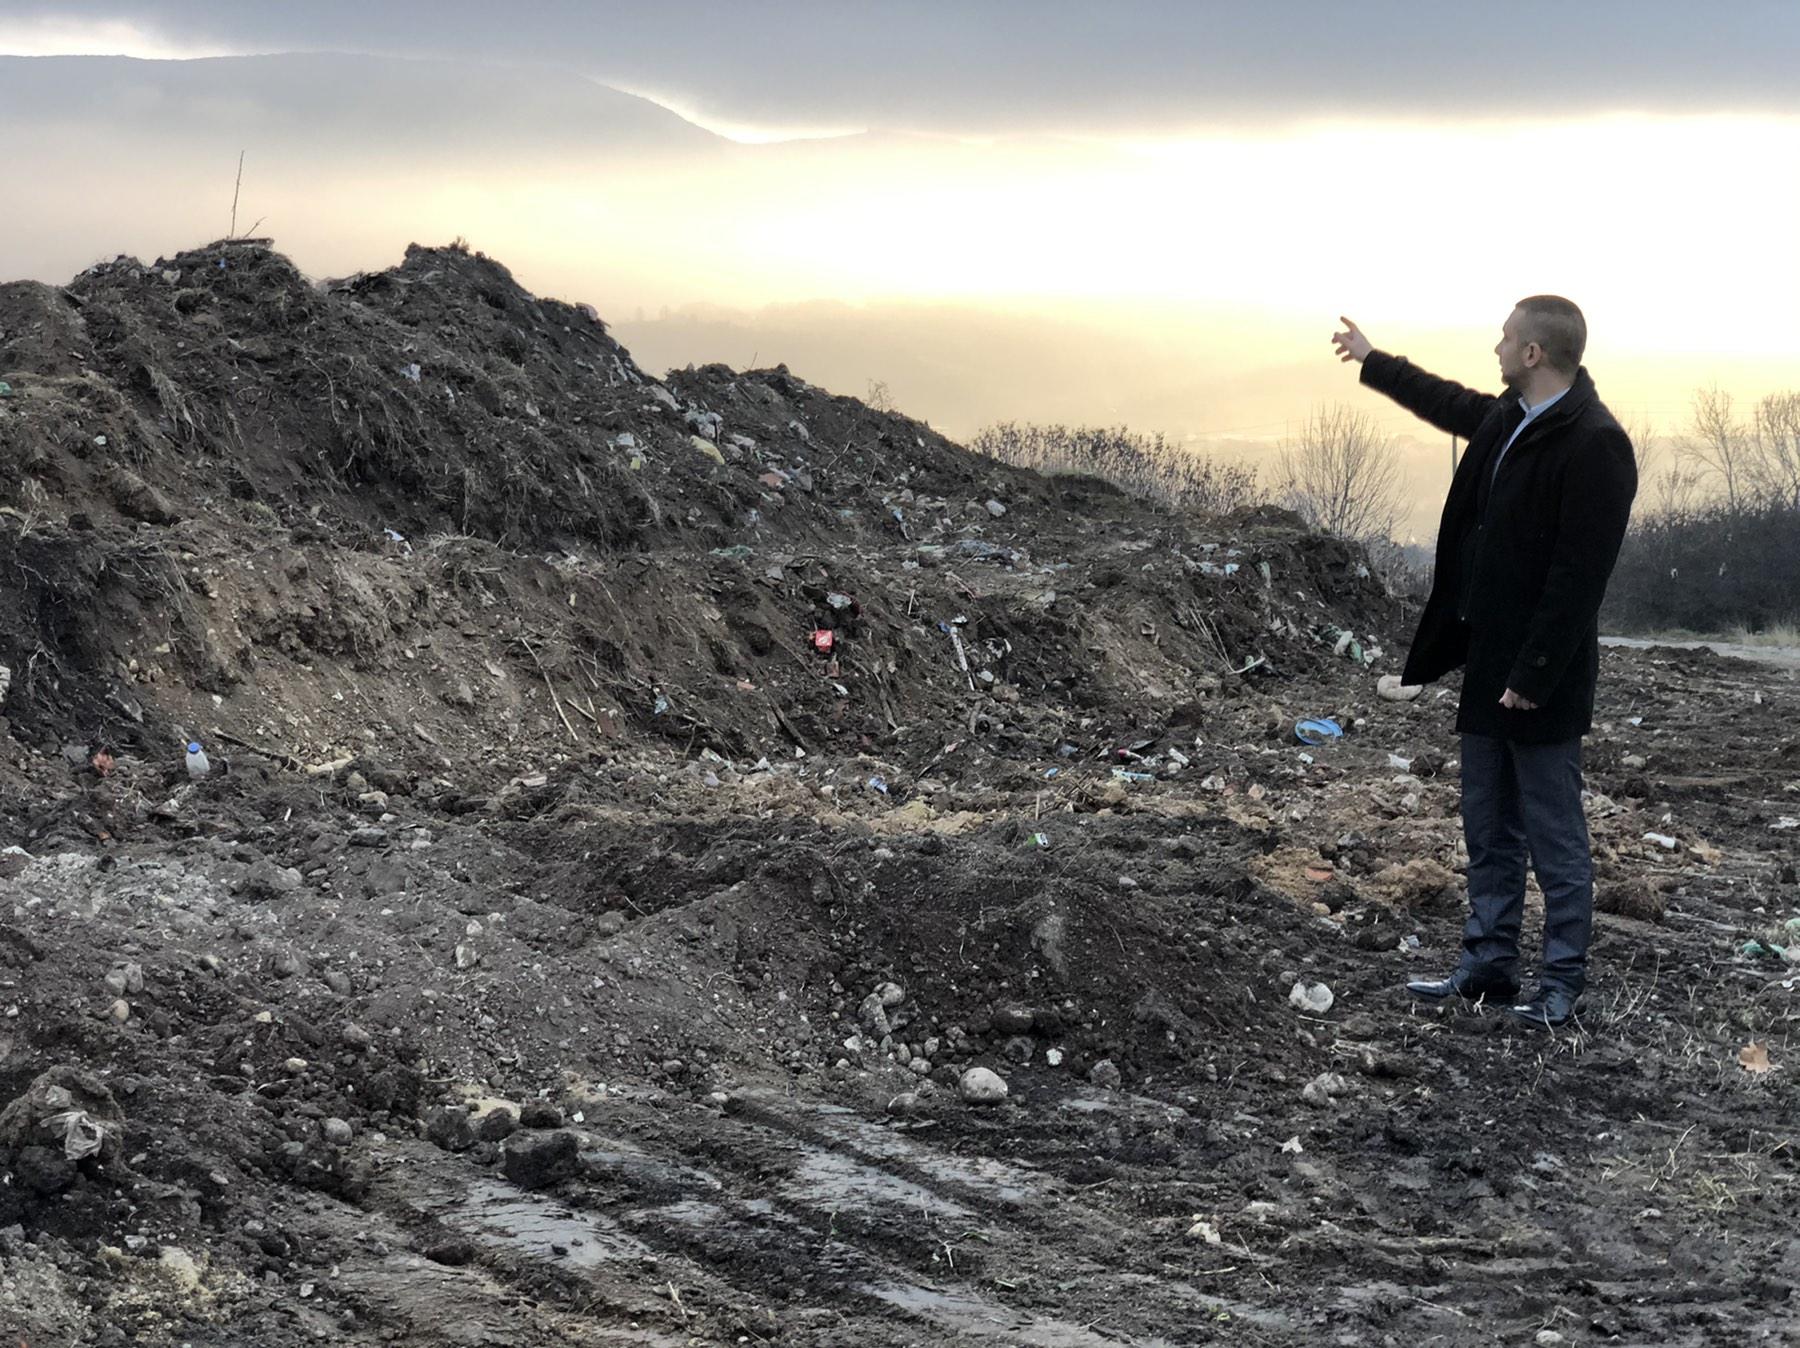 Predsednik opštine Miroslav Marković obišao očišćenu divlju deponiju kod gradskog groblja